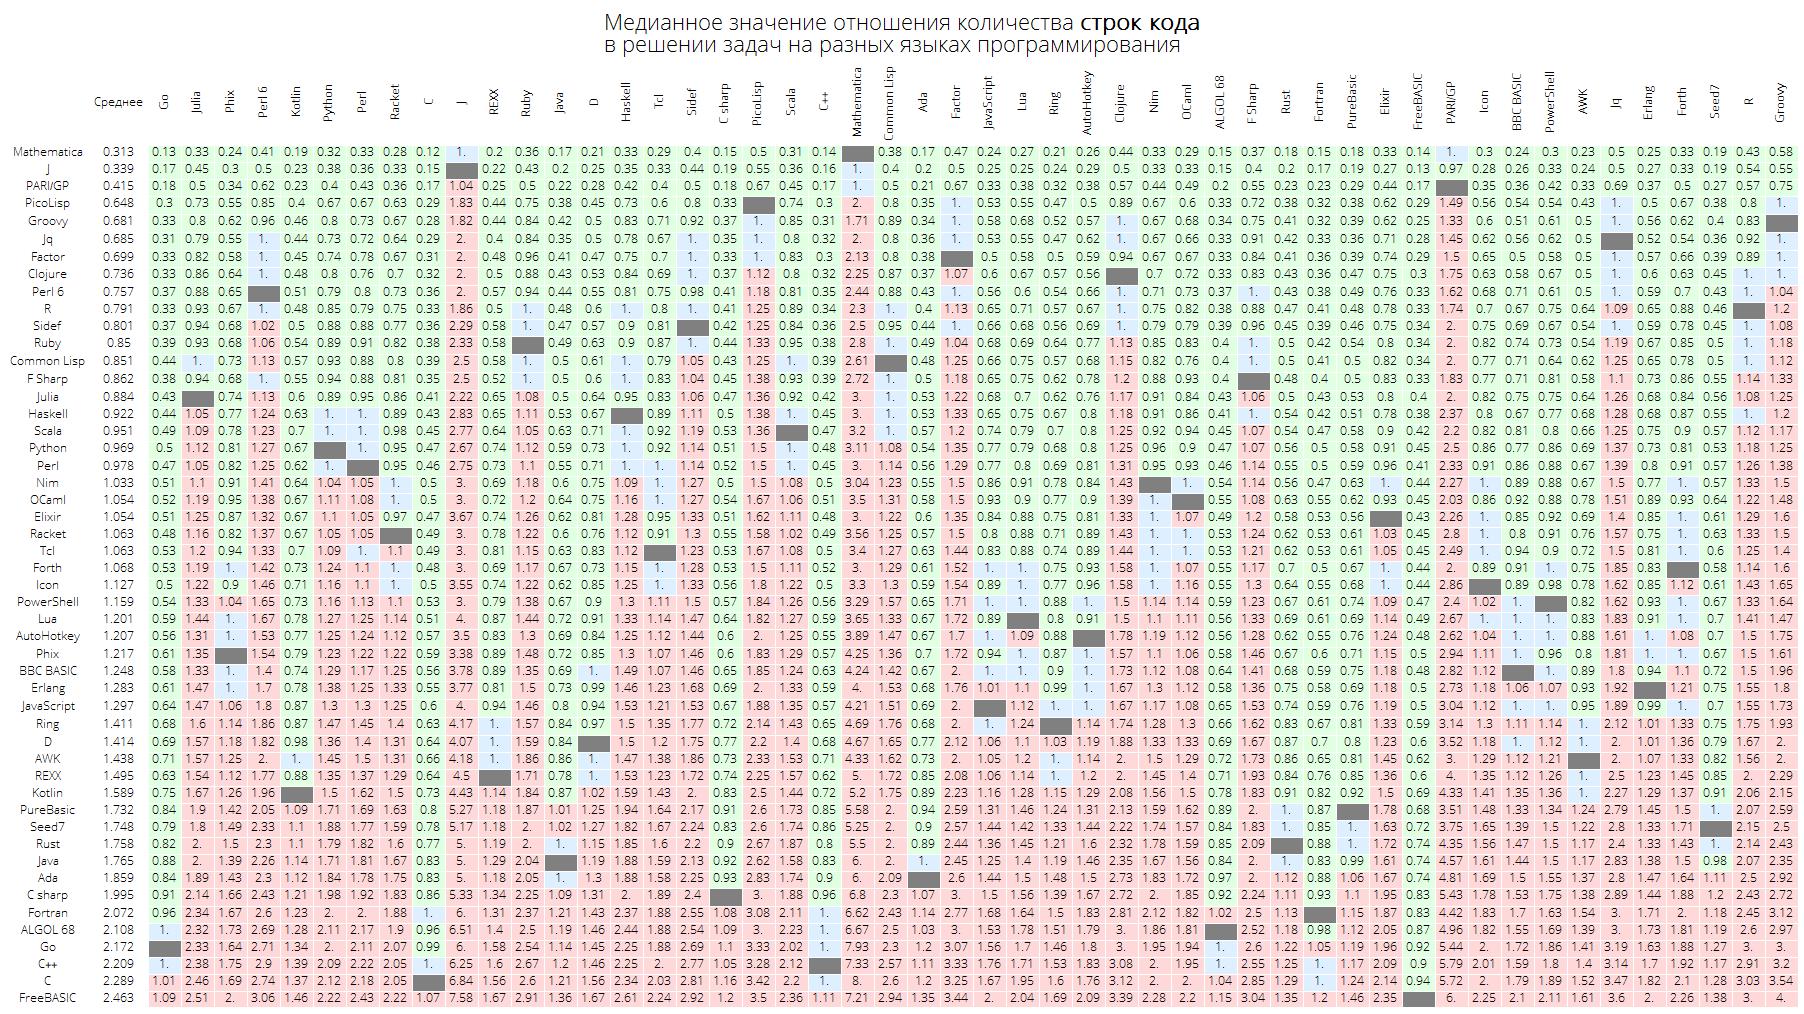 Розеттский код: измеряем длину кода в огромном количестве языков программирования, изучаем близость языков между собой - 26